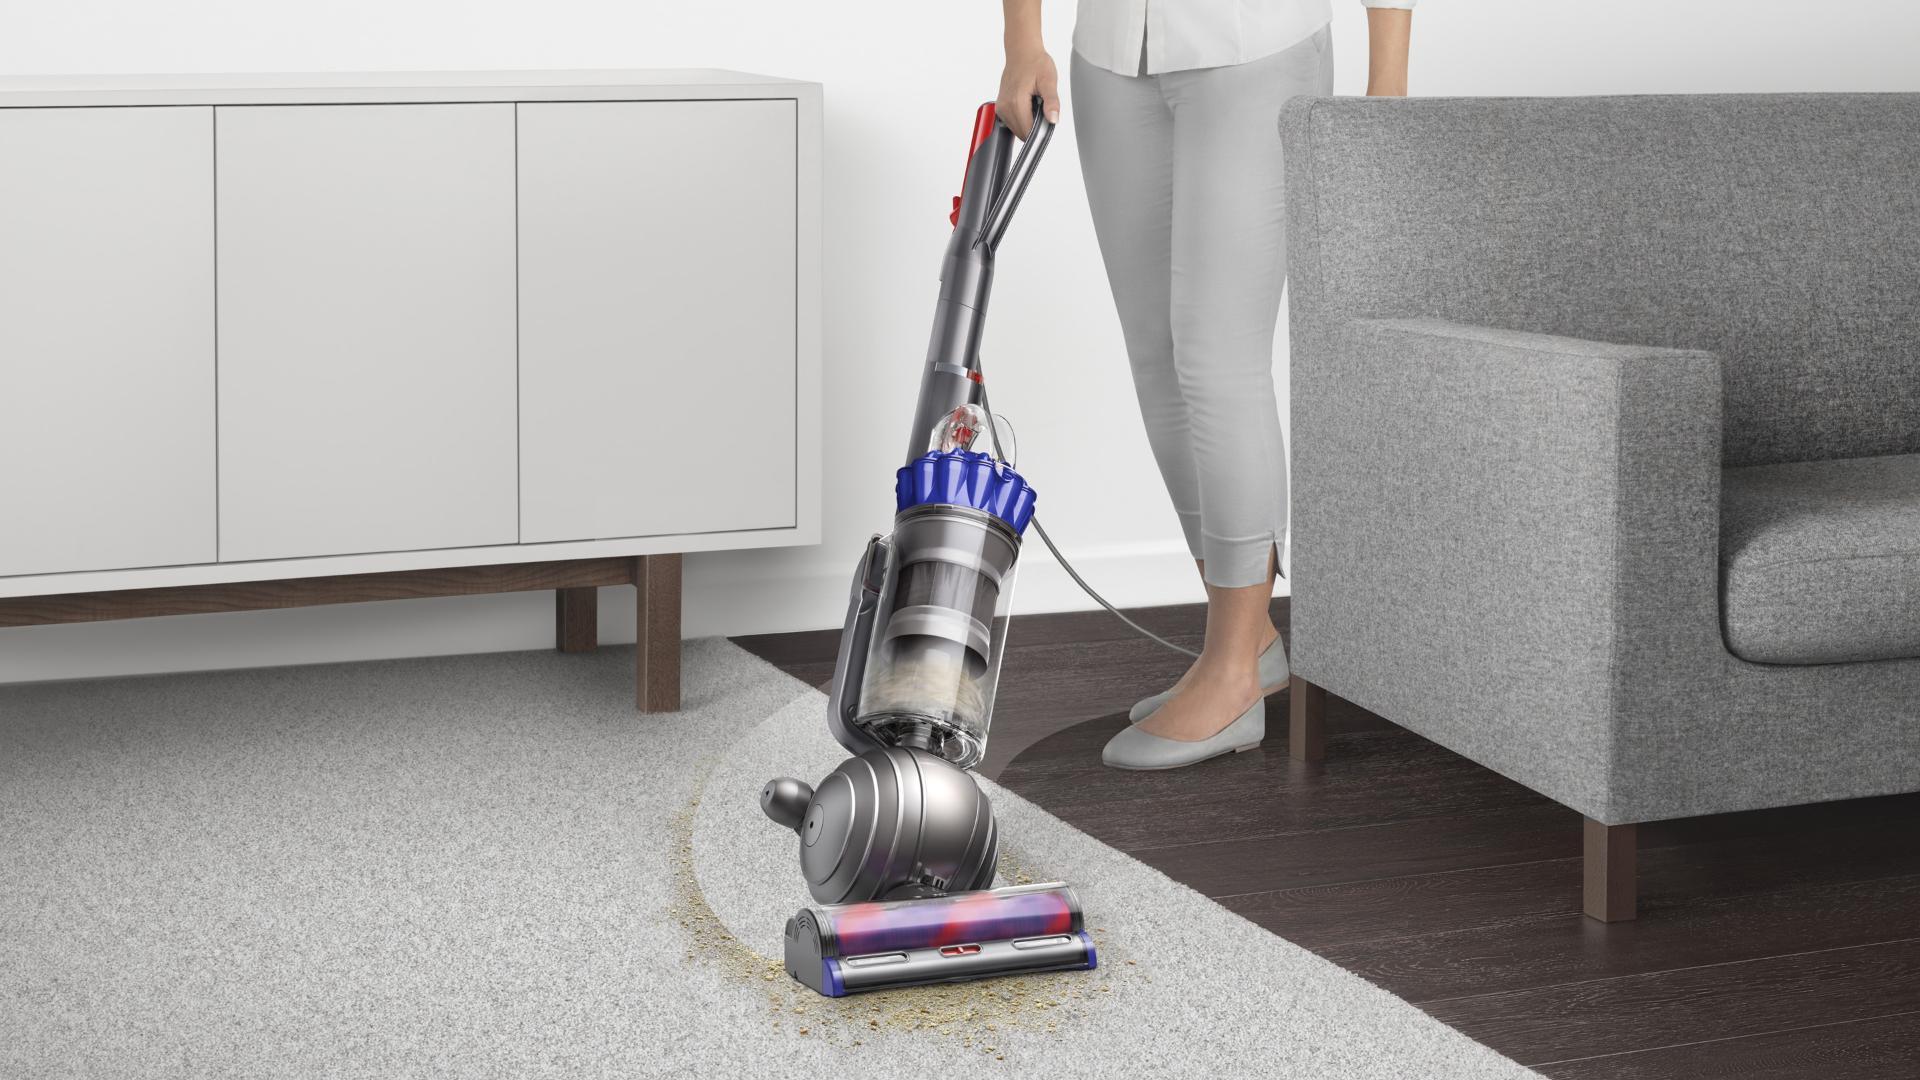 אישה שואבת רצפה באמצעות שואב האבק עומד של  Dyson